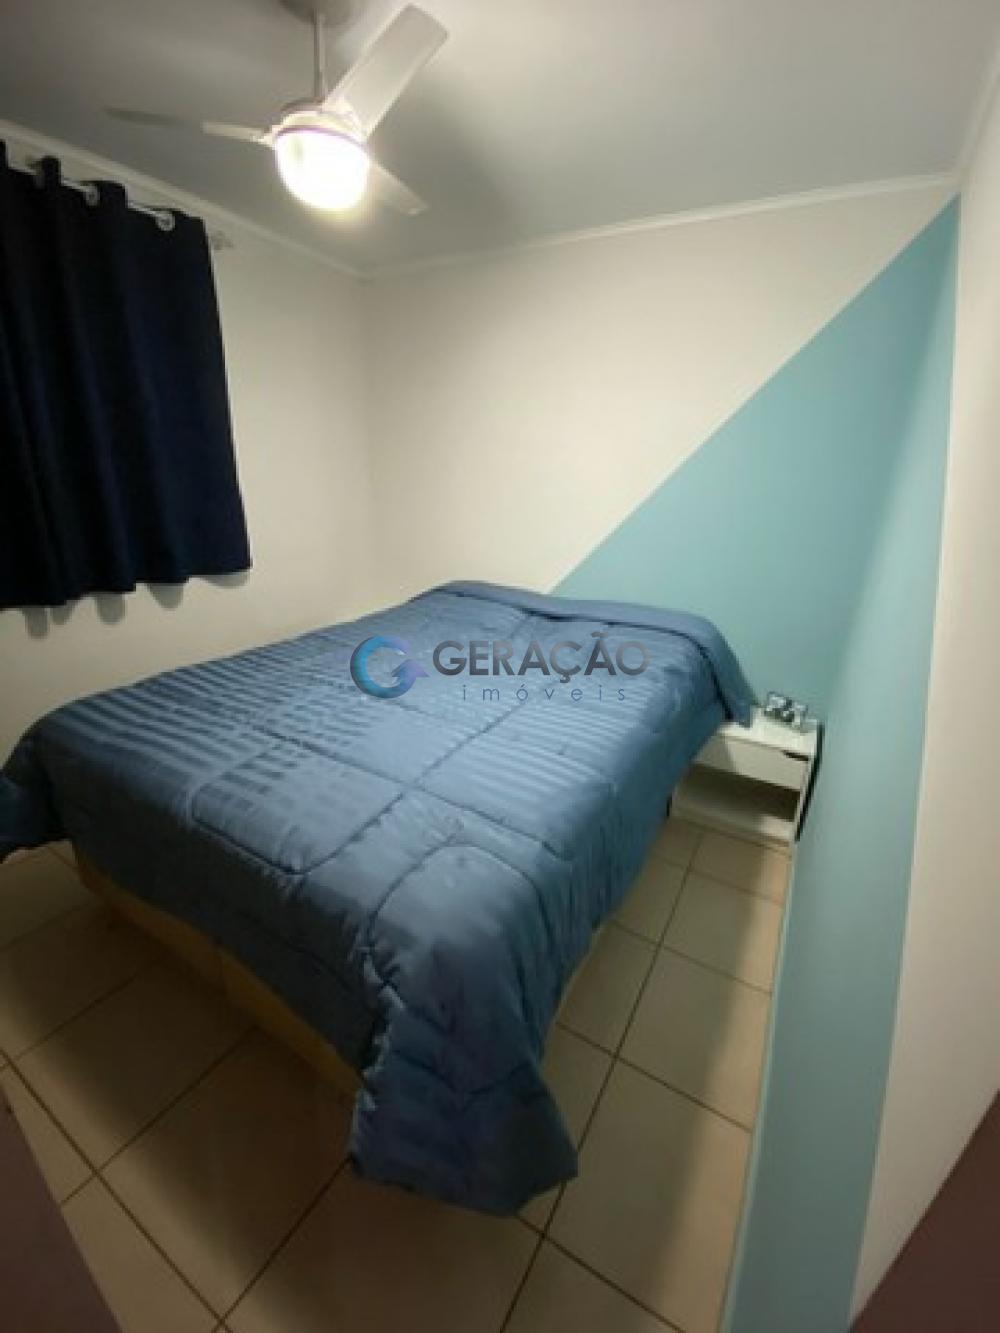 Comprar Apartamento / Padrão em São José dos Campos R$ 300.000,00 - Foto 10